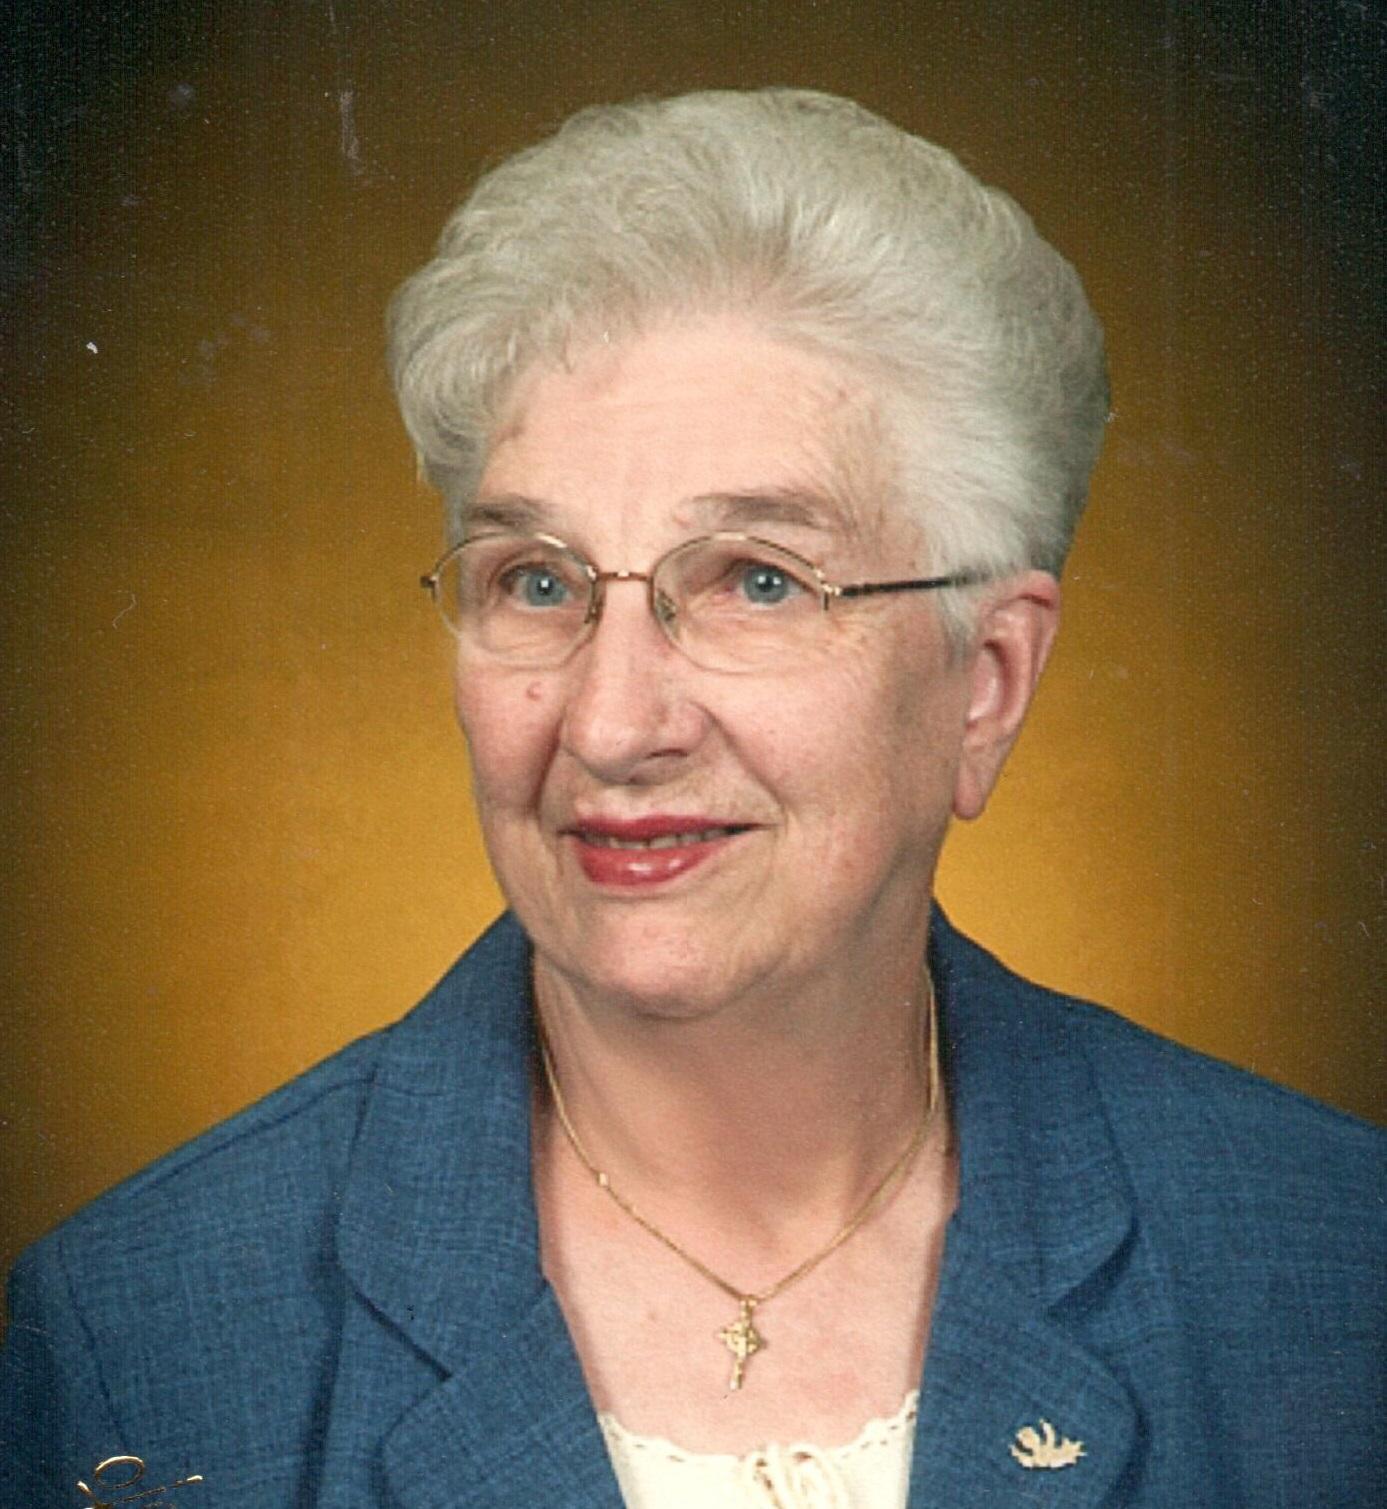 Evelyn V. Merkel, age 94 of Celestine